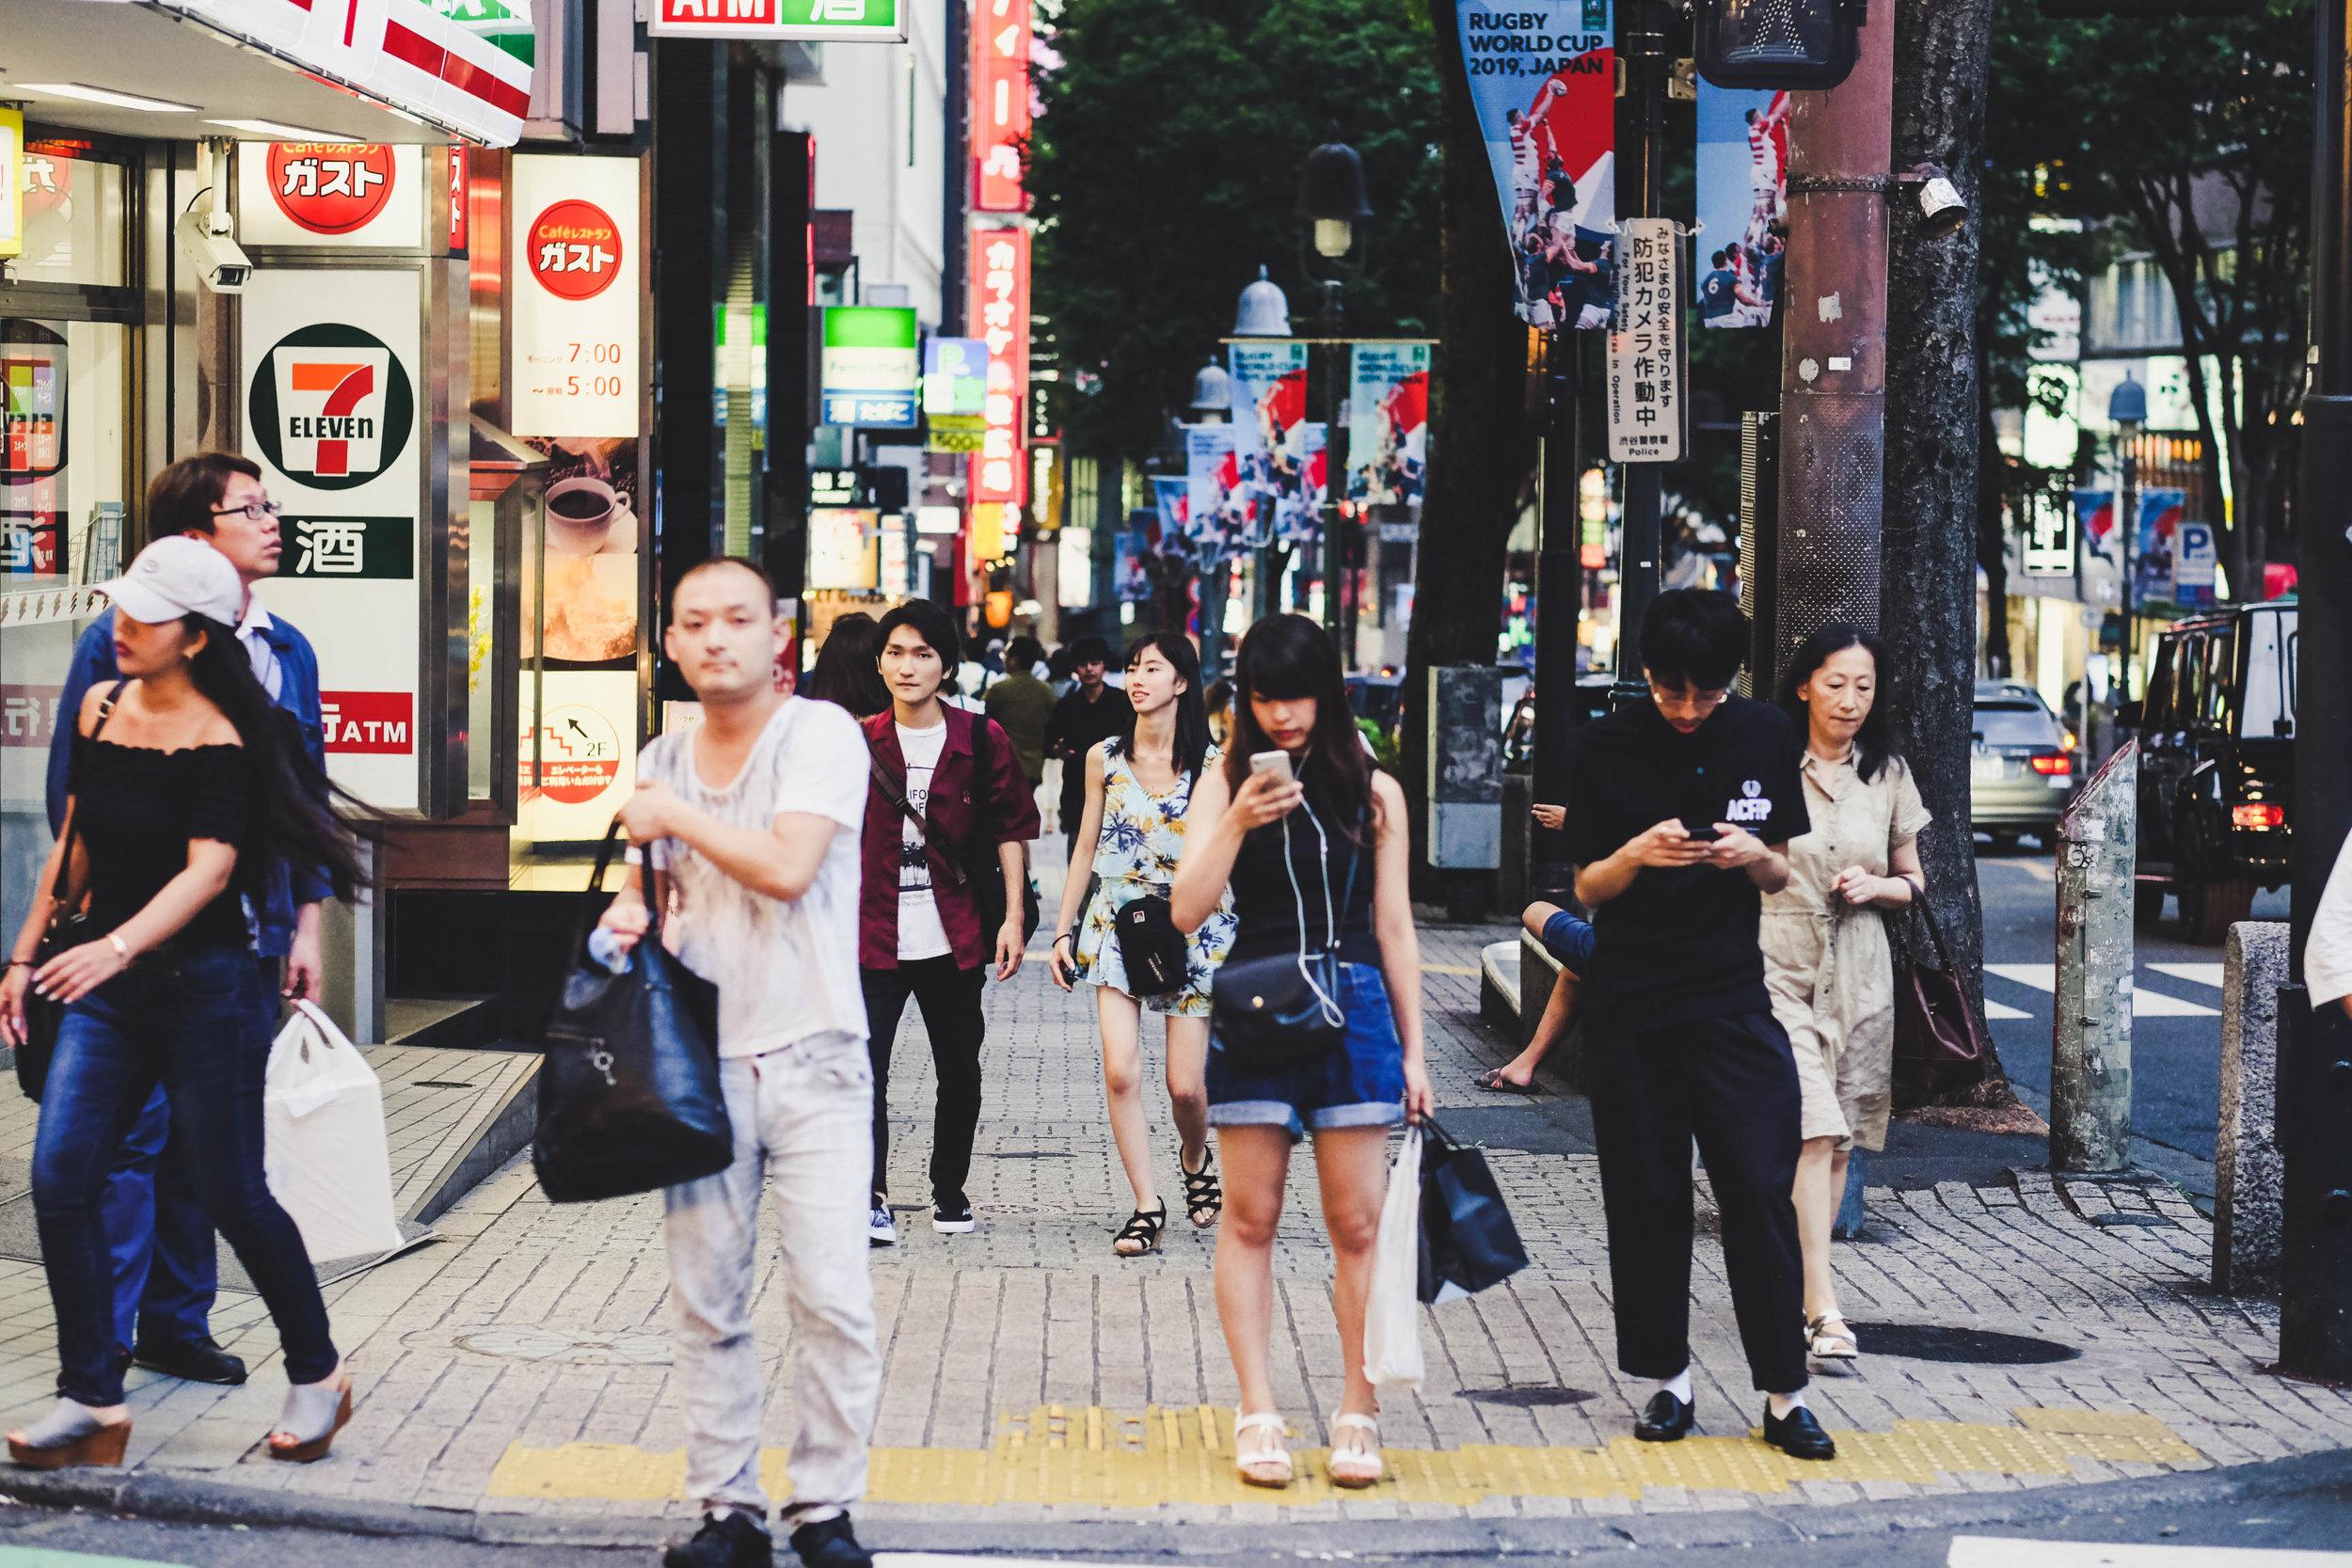 8.26.19_tokyo-13.jpg